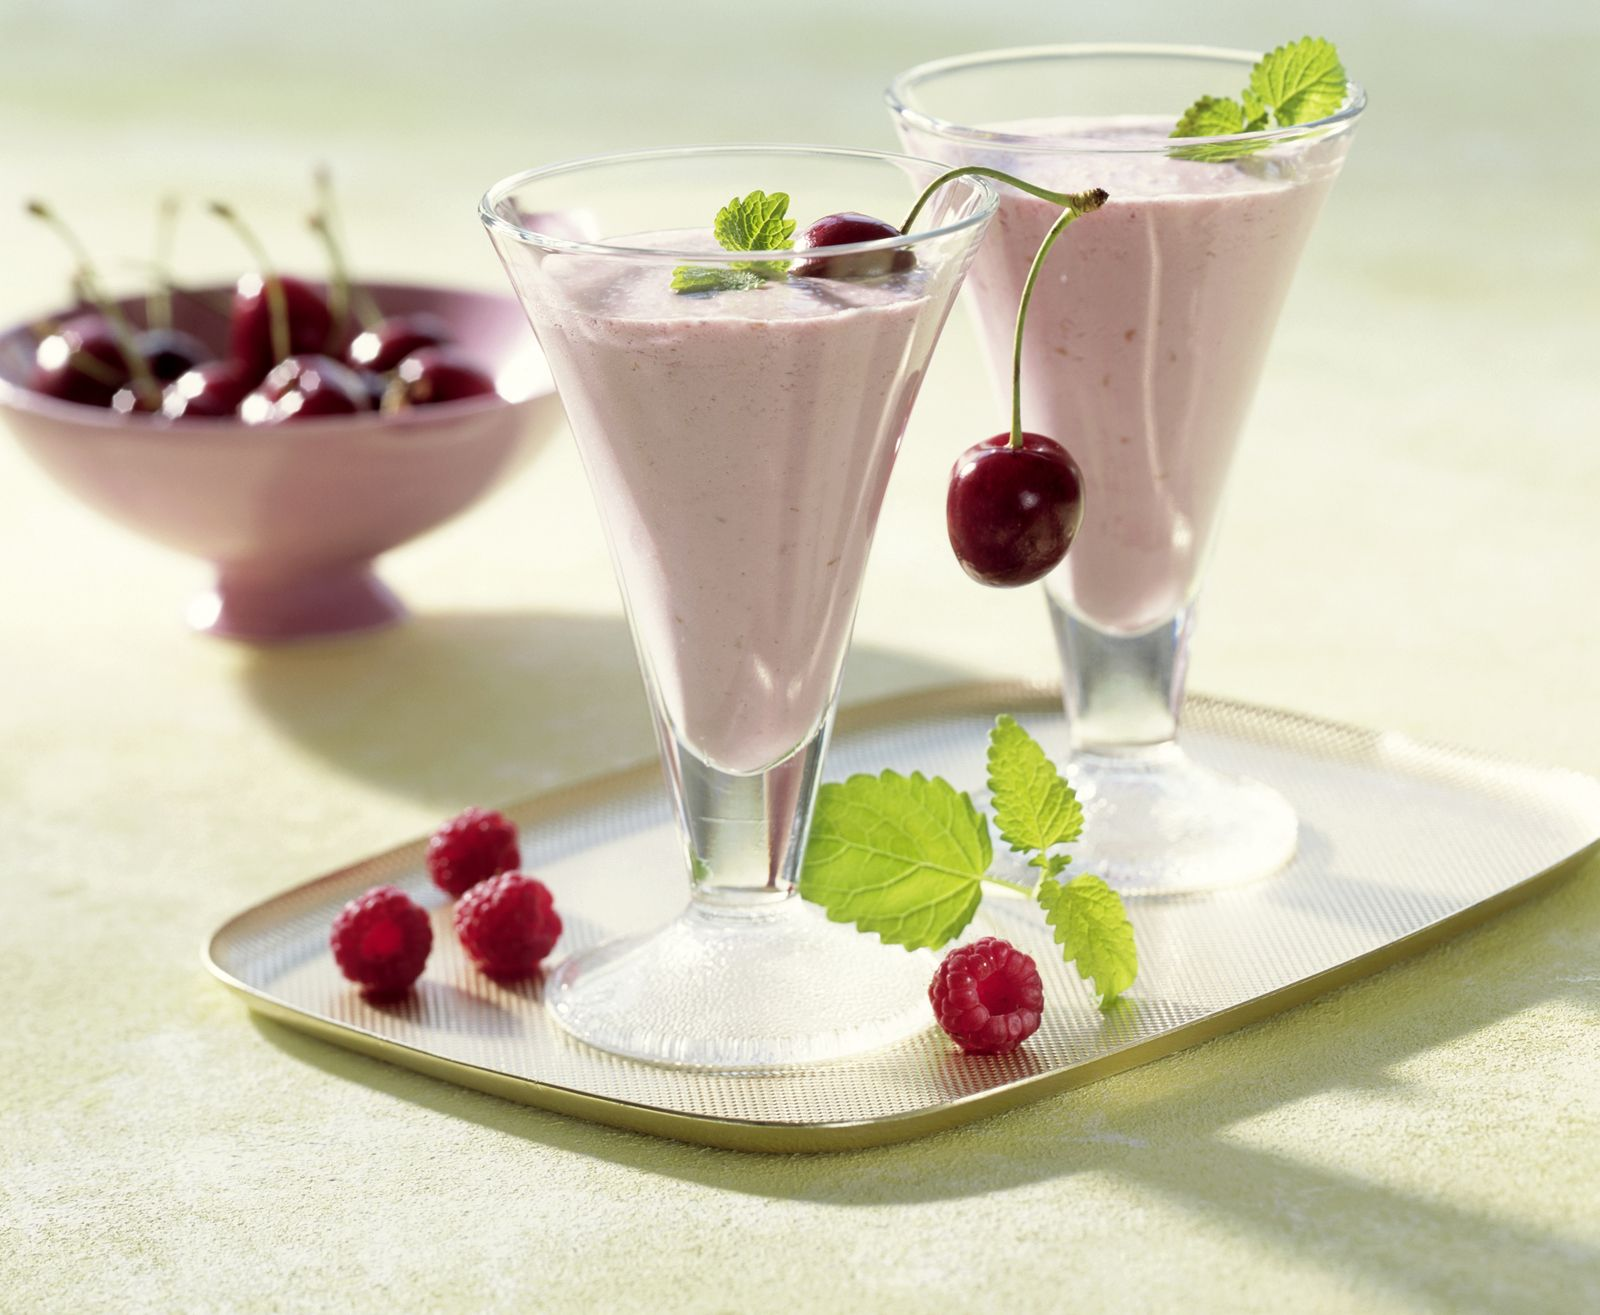 Himbeer-Kirsch-Smoothie Rezept | EAT SMARTER